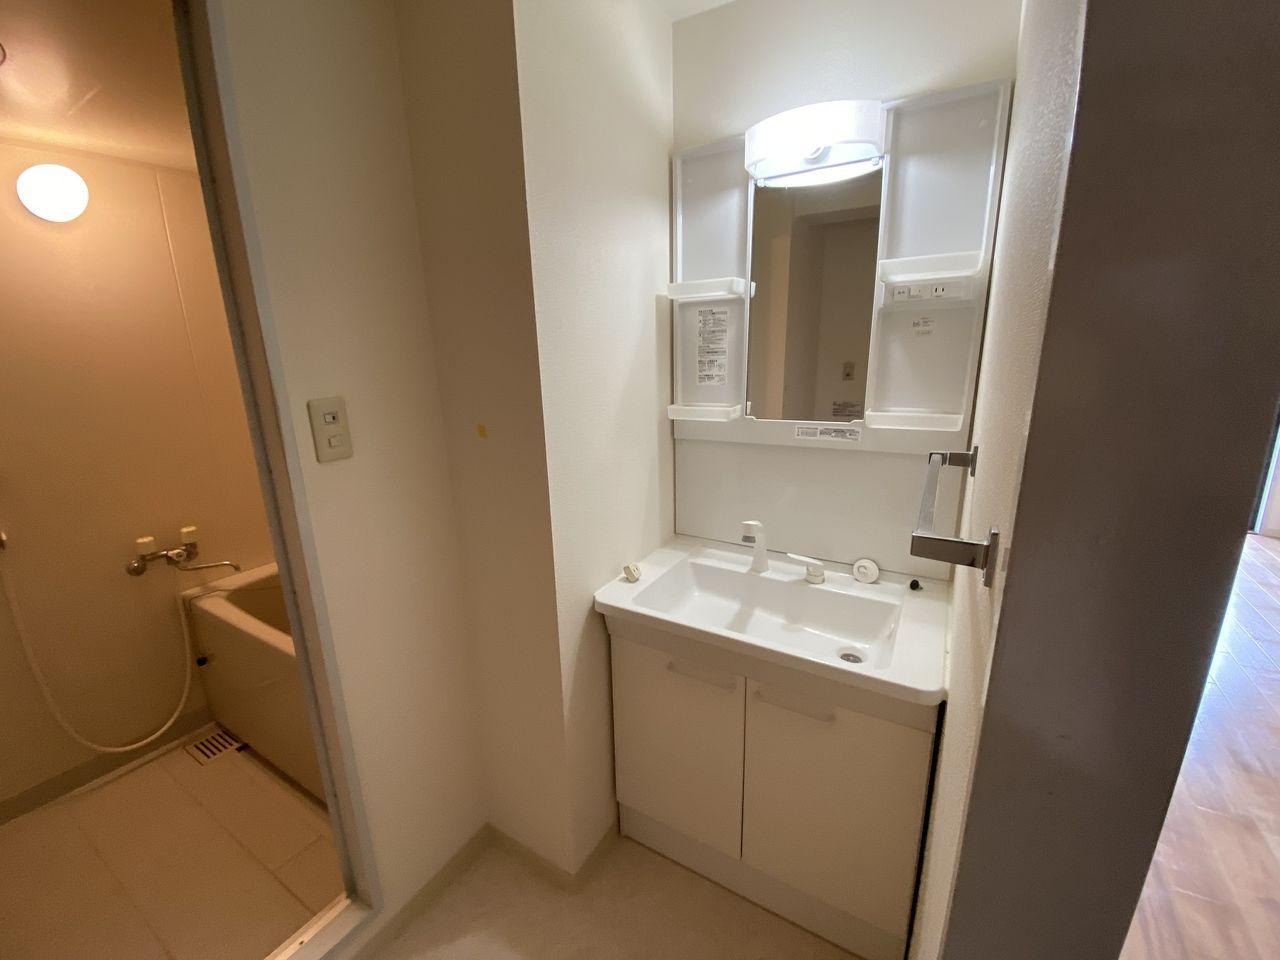 EV付たまプラーザ駅2分のマンションの第5正美ビルの水回り